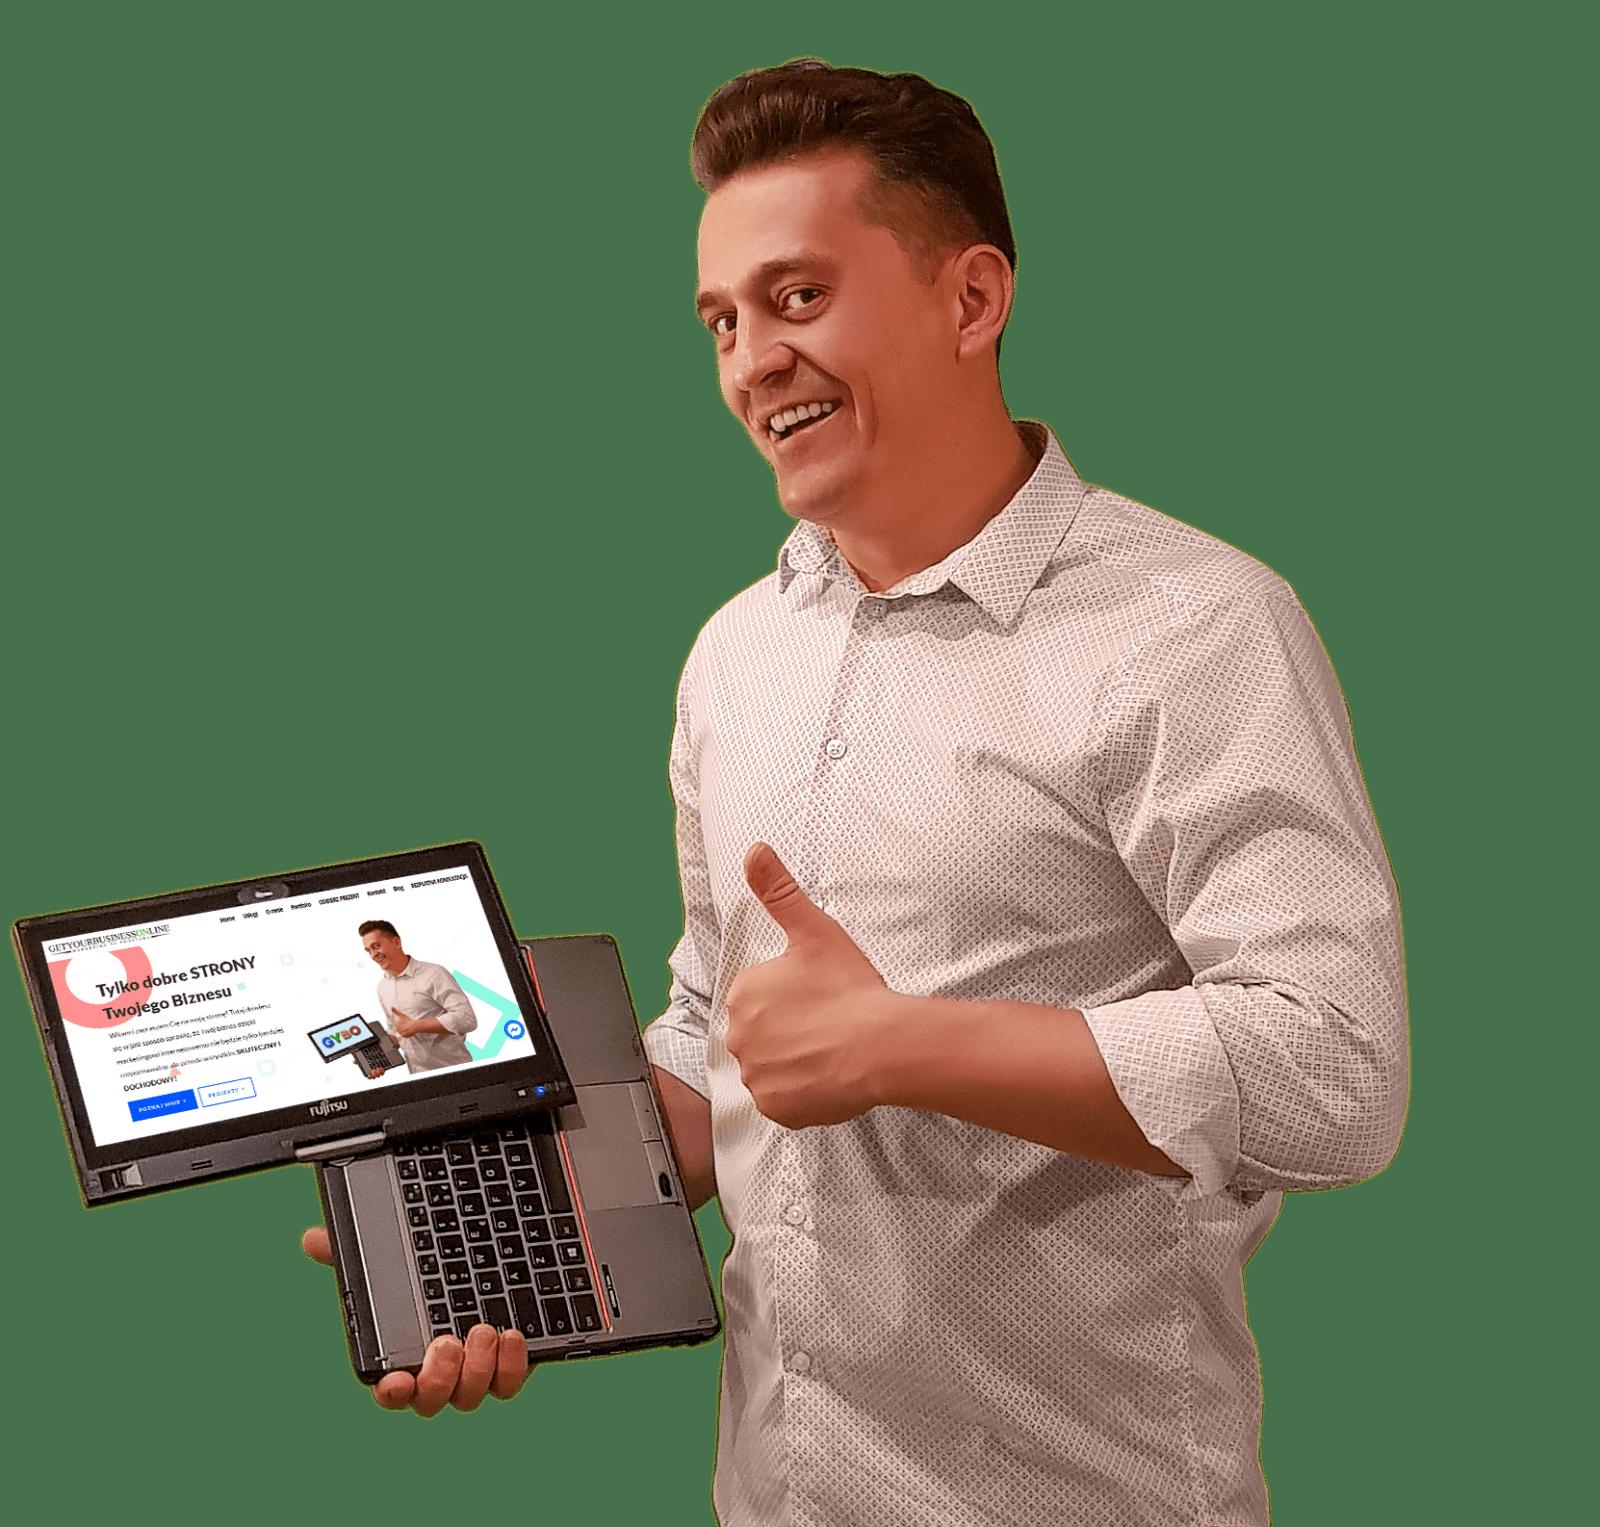 marketing internetowy w Holandii, strony internetowe w Holandii, kursy online w Holandii, własna firma w Holandii, reklama w Holandii